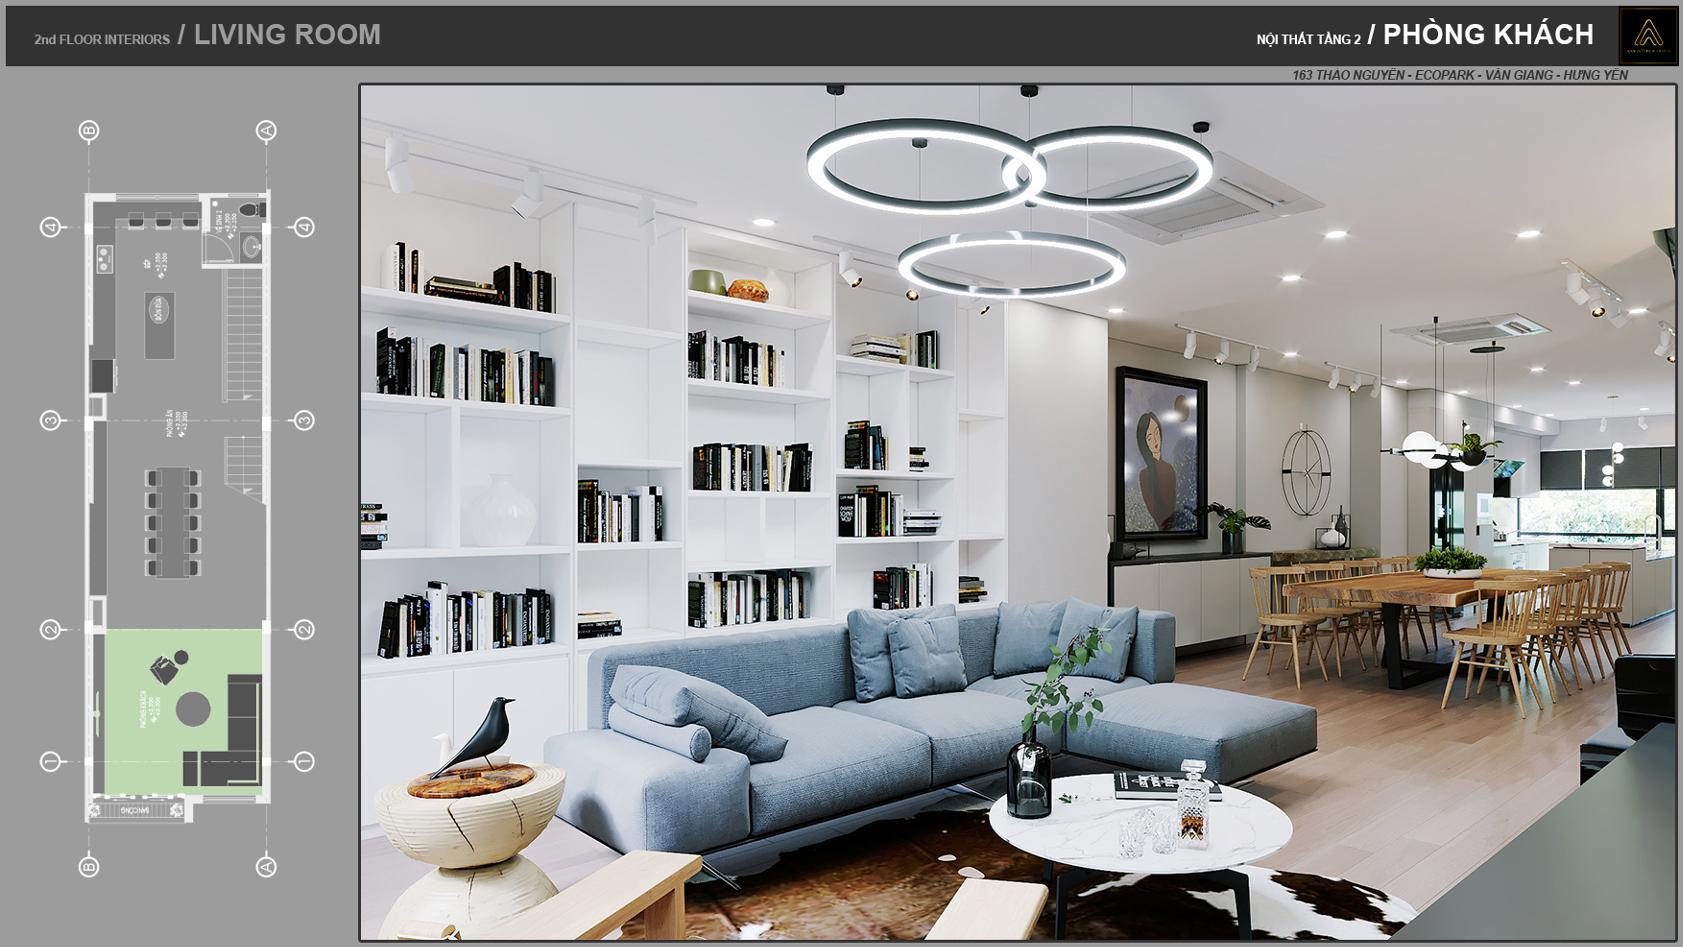 Thiết kế nội thất đẹp mắt